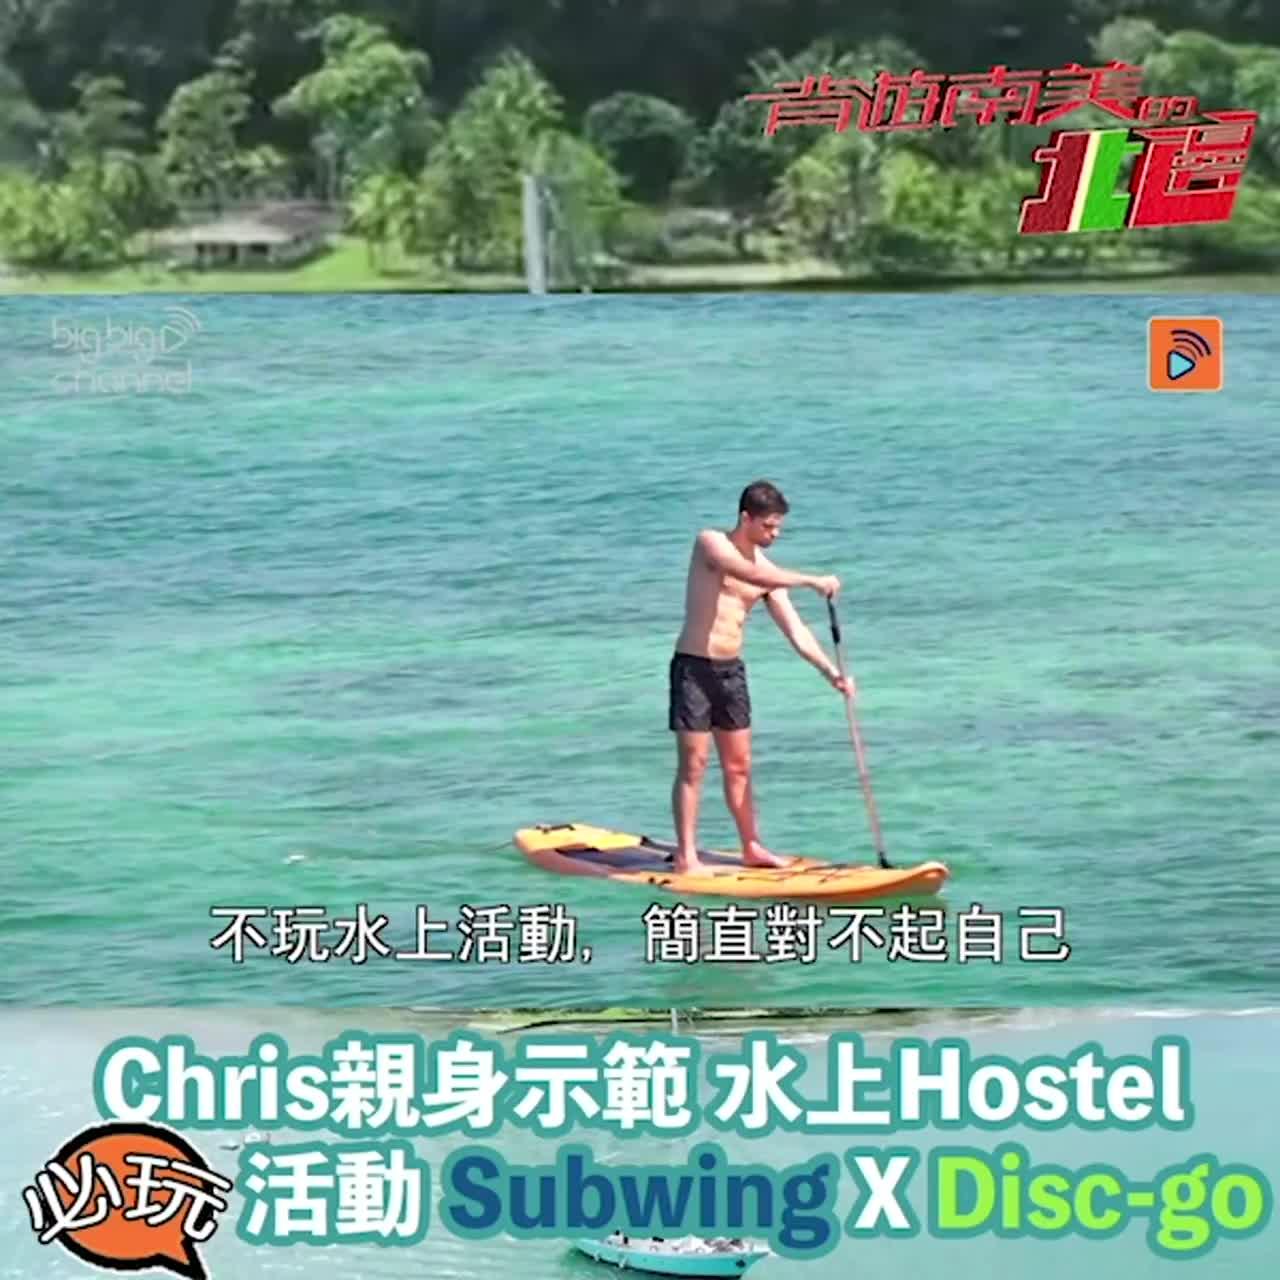 【背遊南美的北邊】Chris親身示範 水上Hostel 必玩活動 Subwing X Disc-go